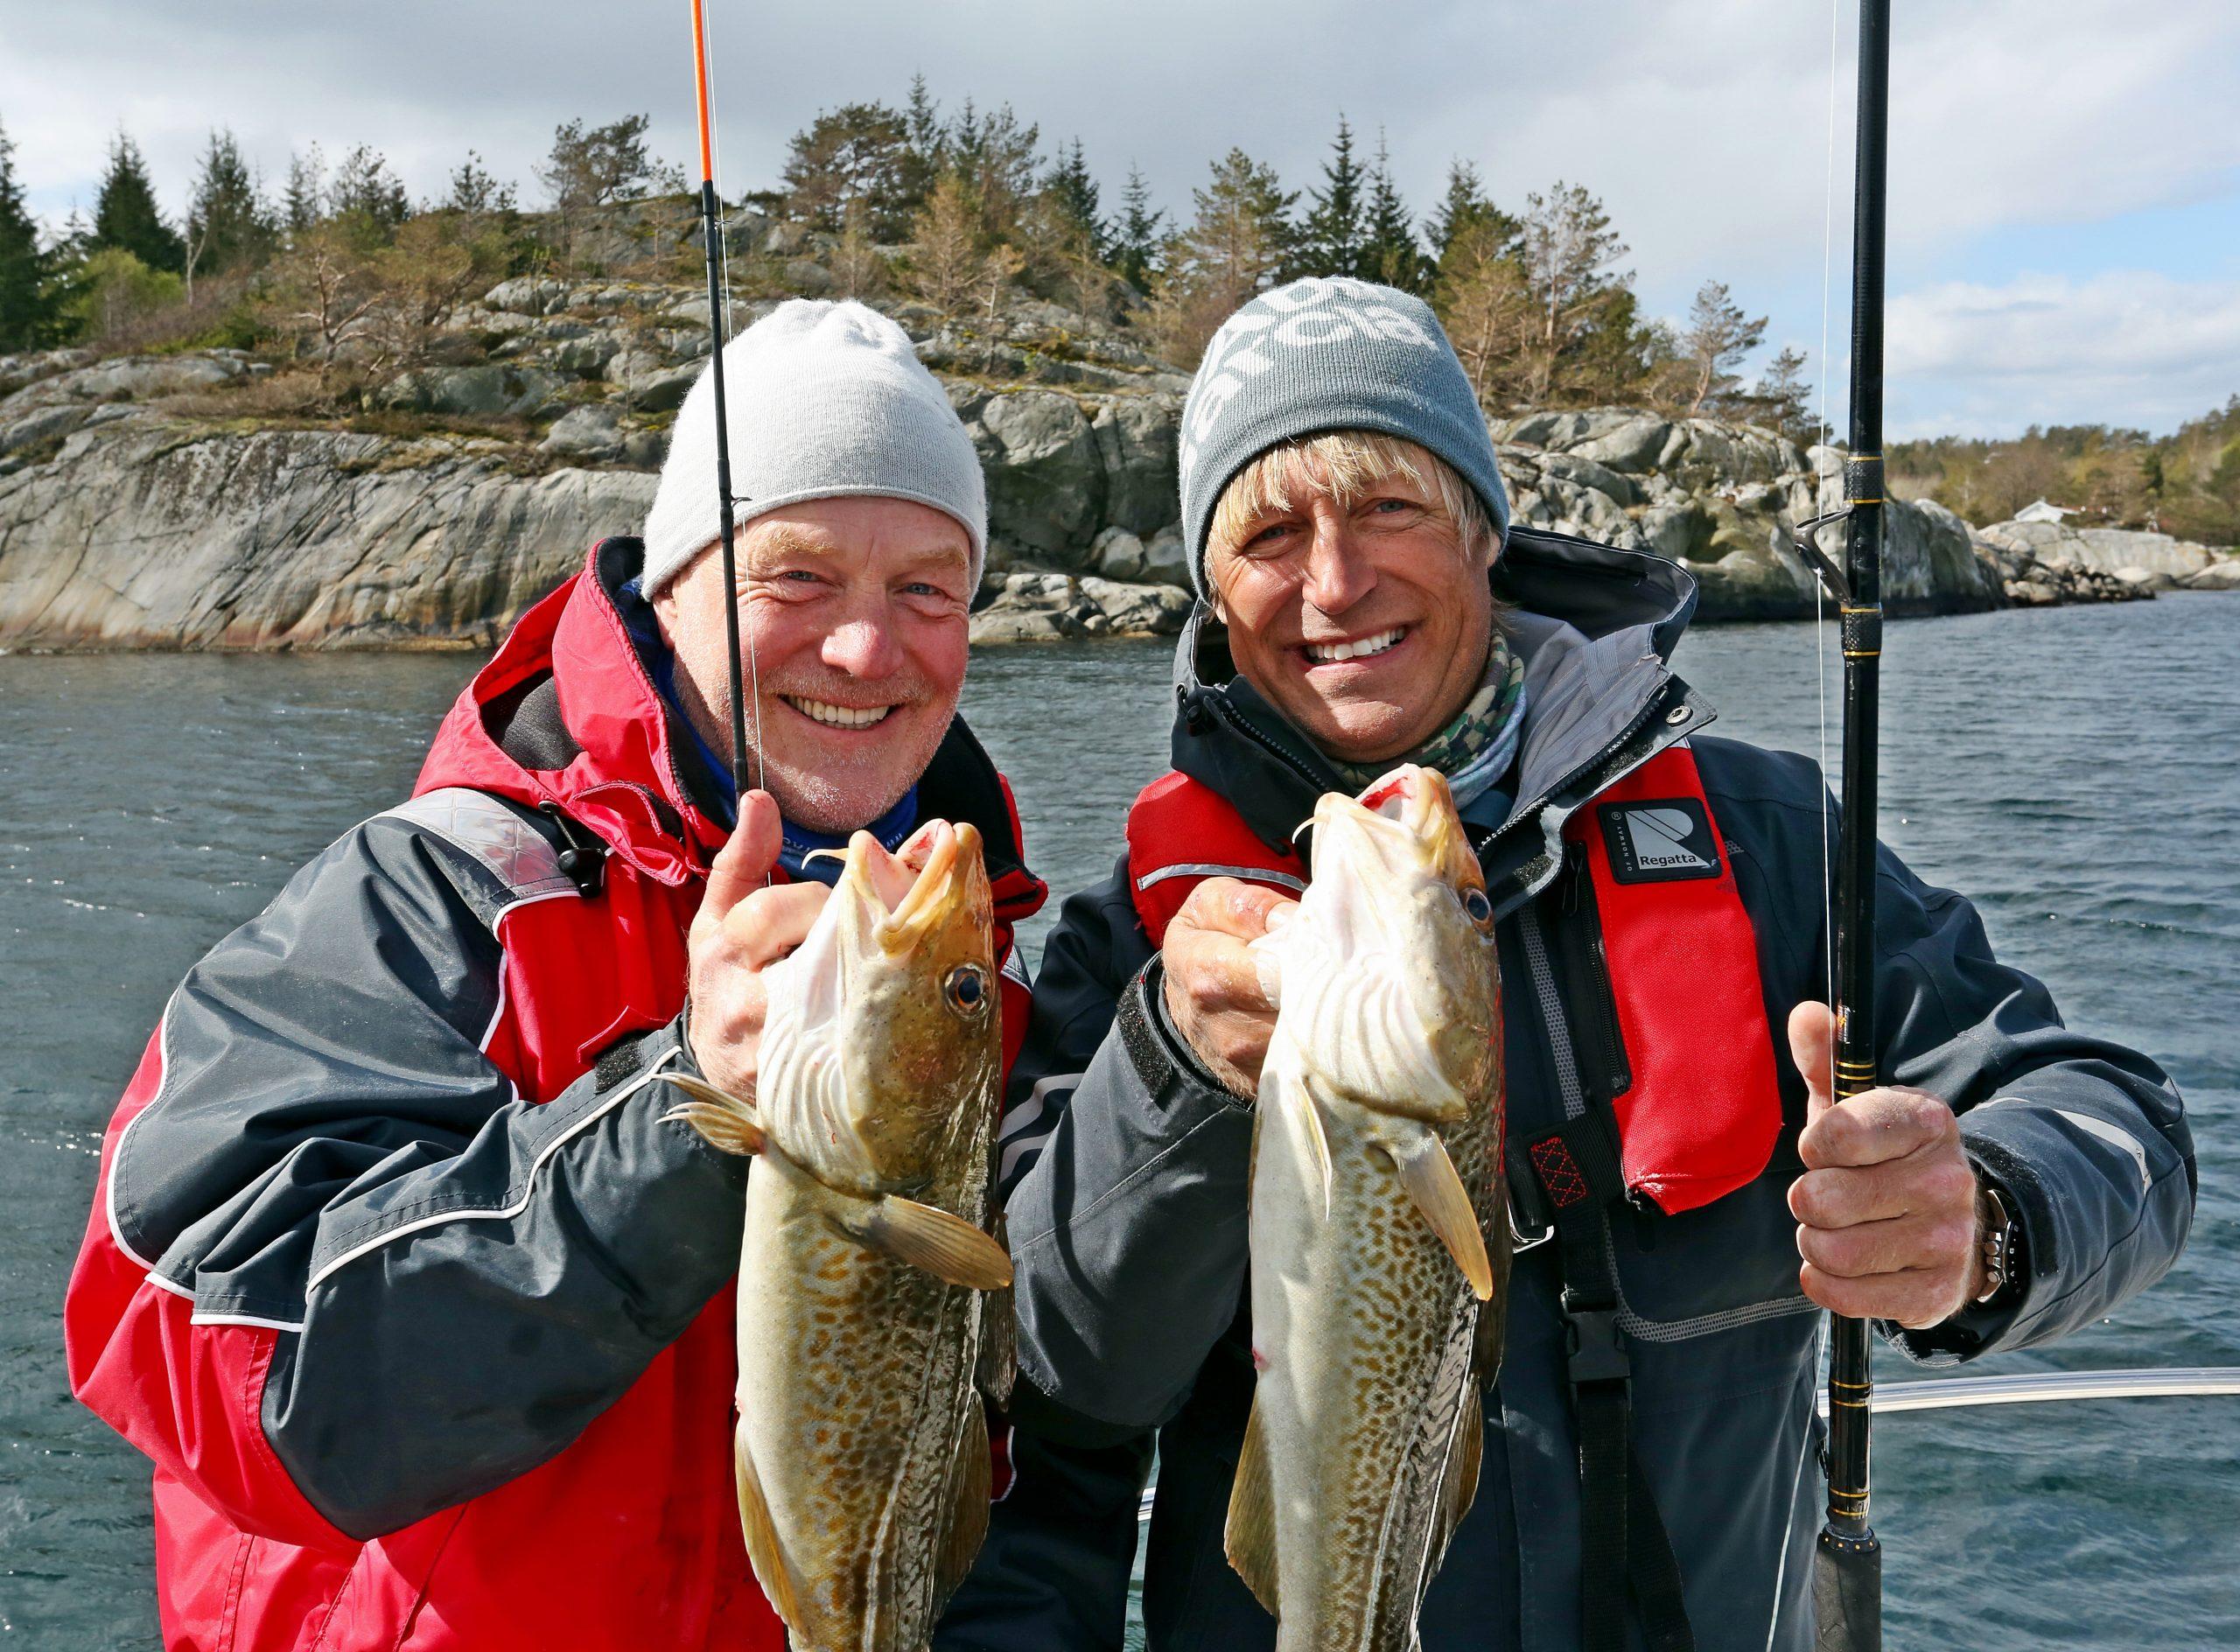 Kystfiske - Rune Gokstad og Asgeir Alvestad